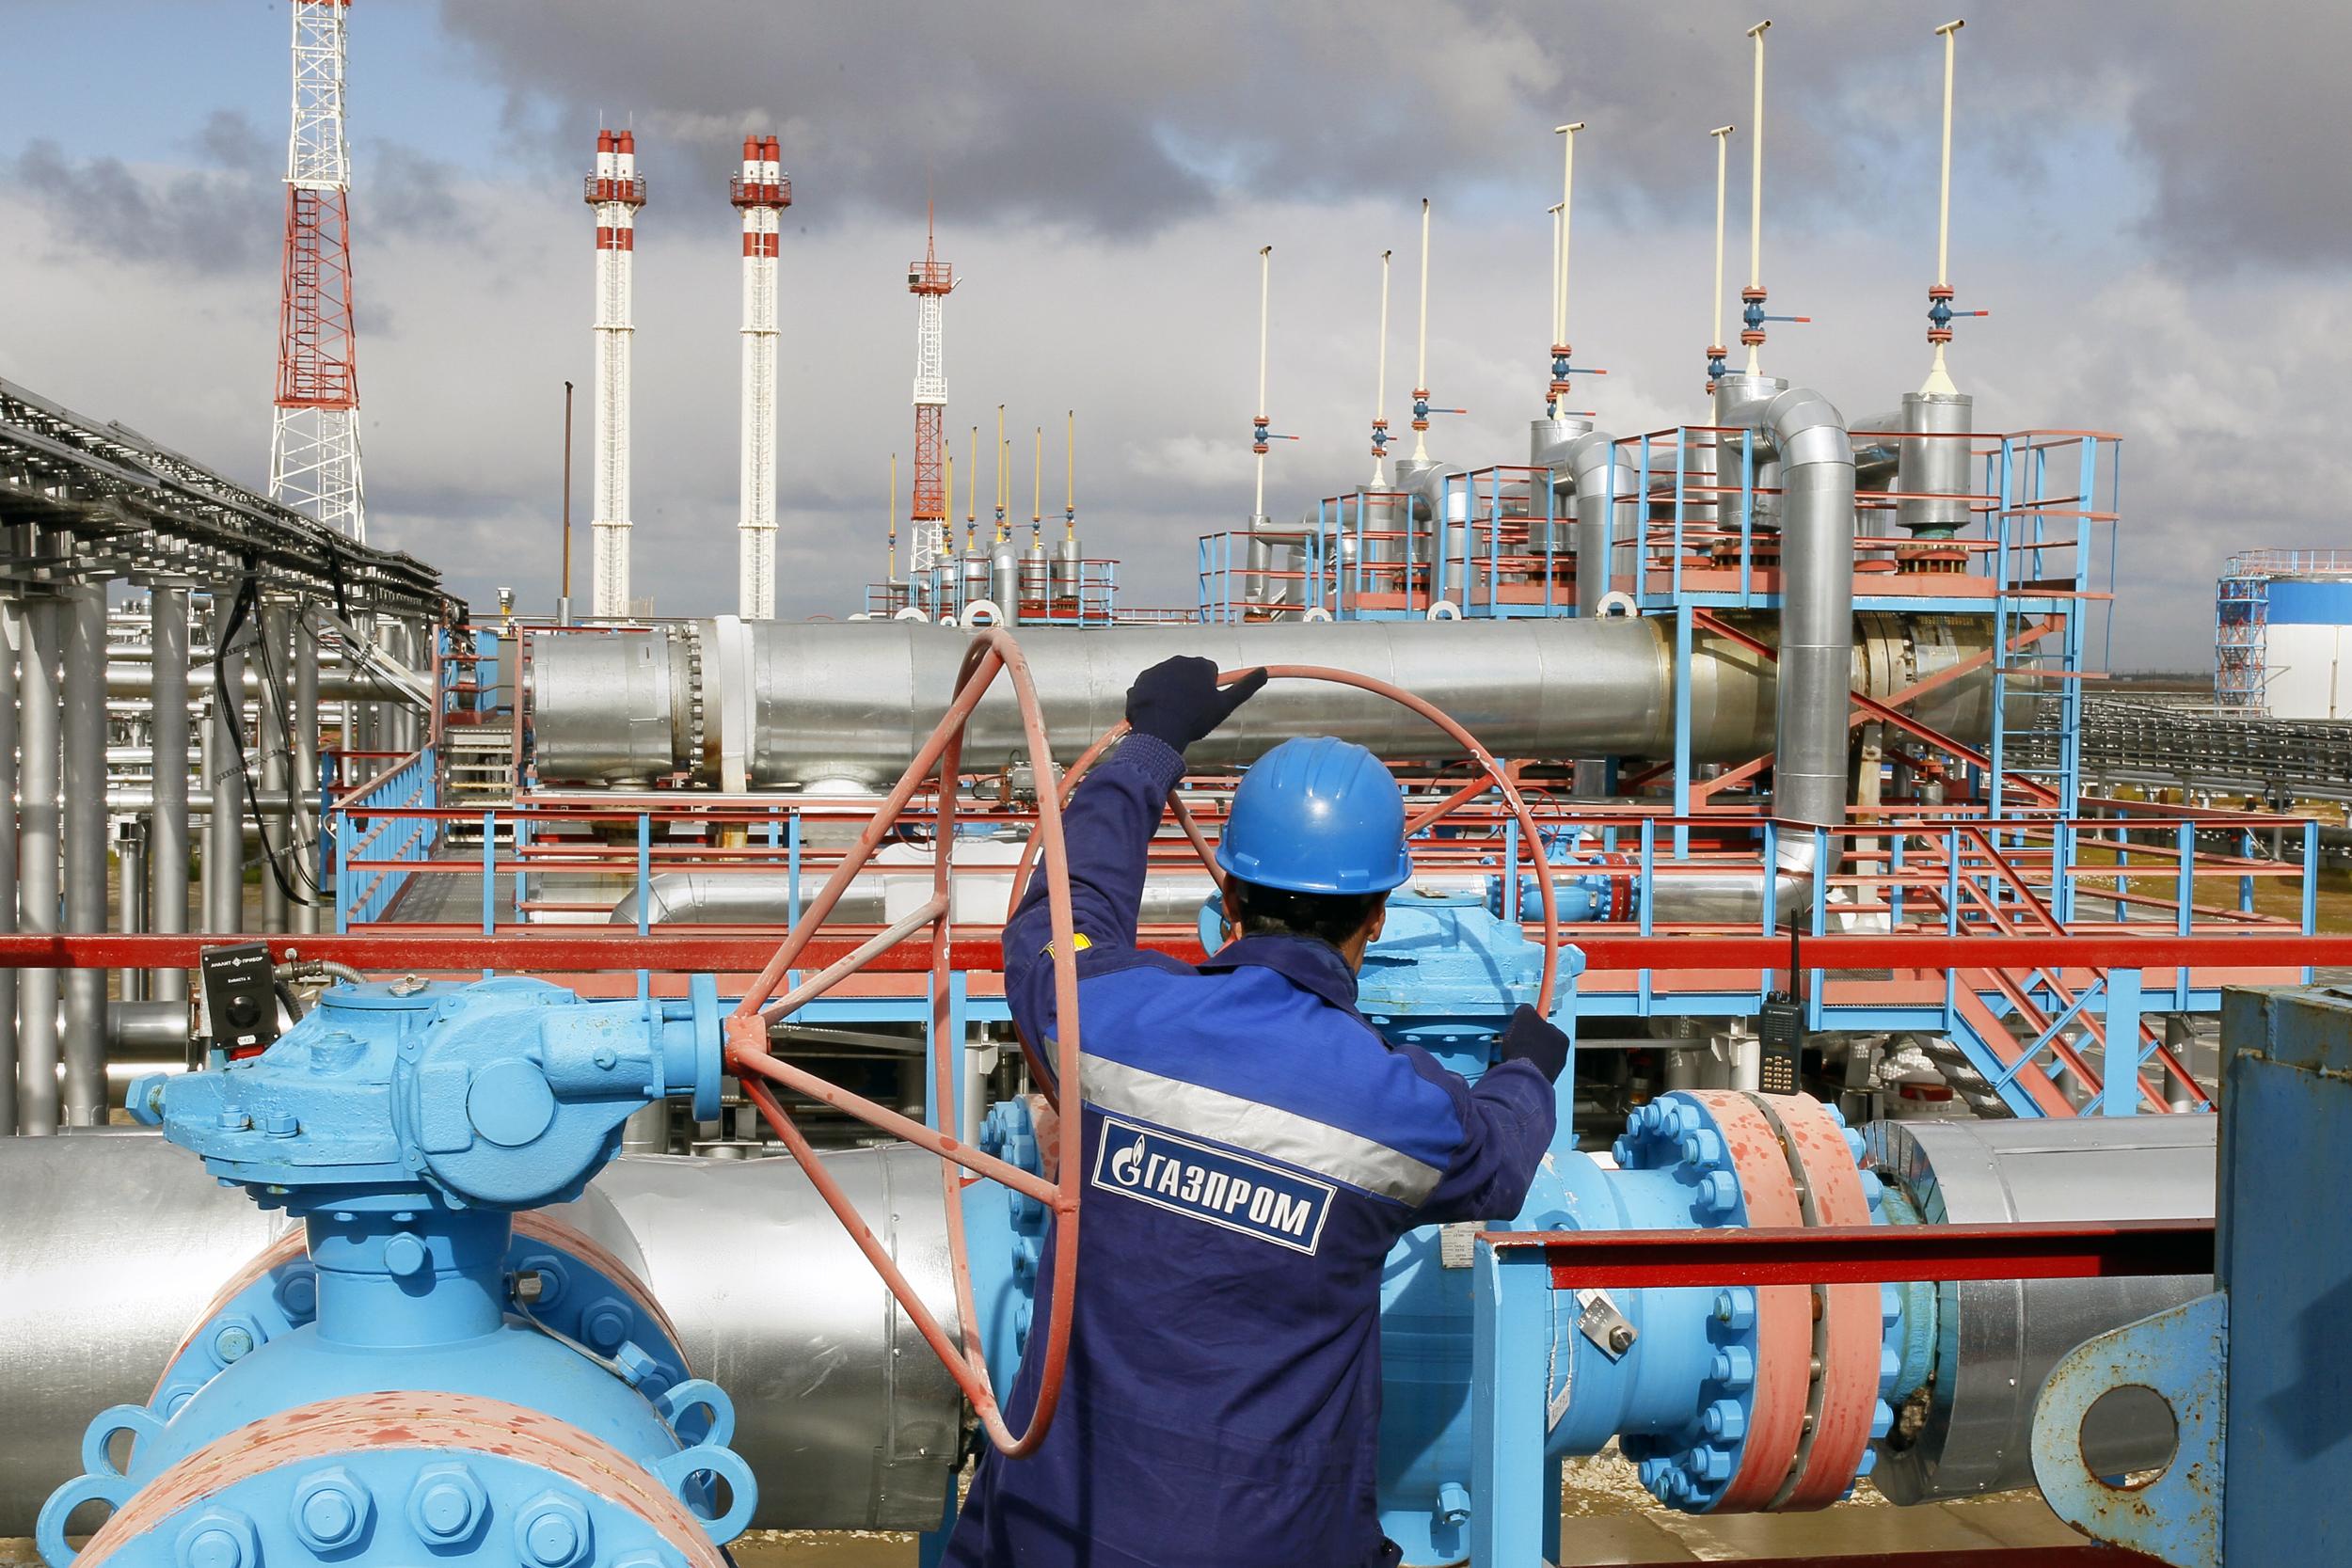 газпром, политика, дмитрий медведев